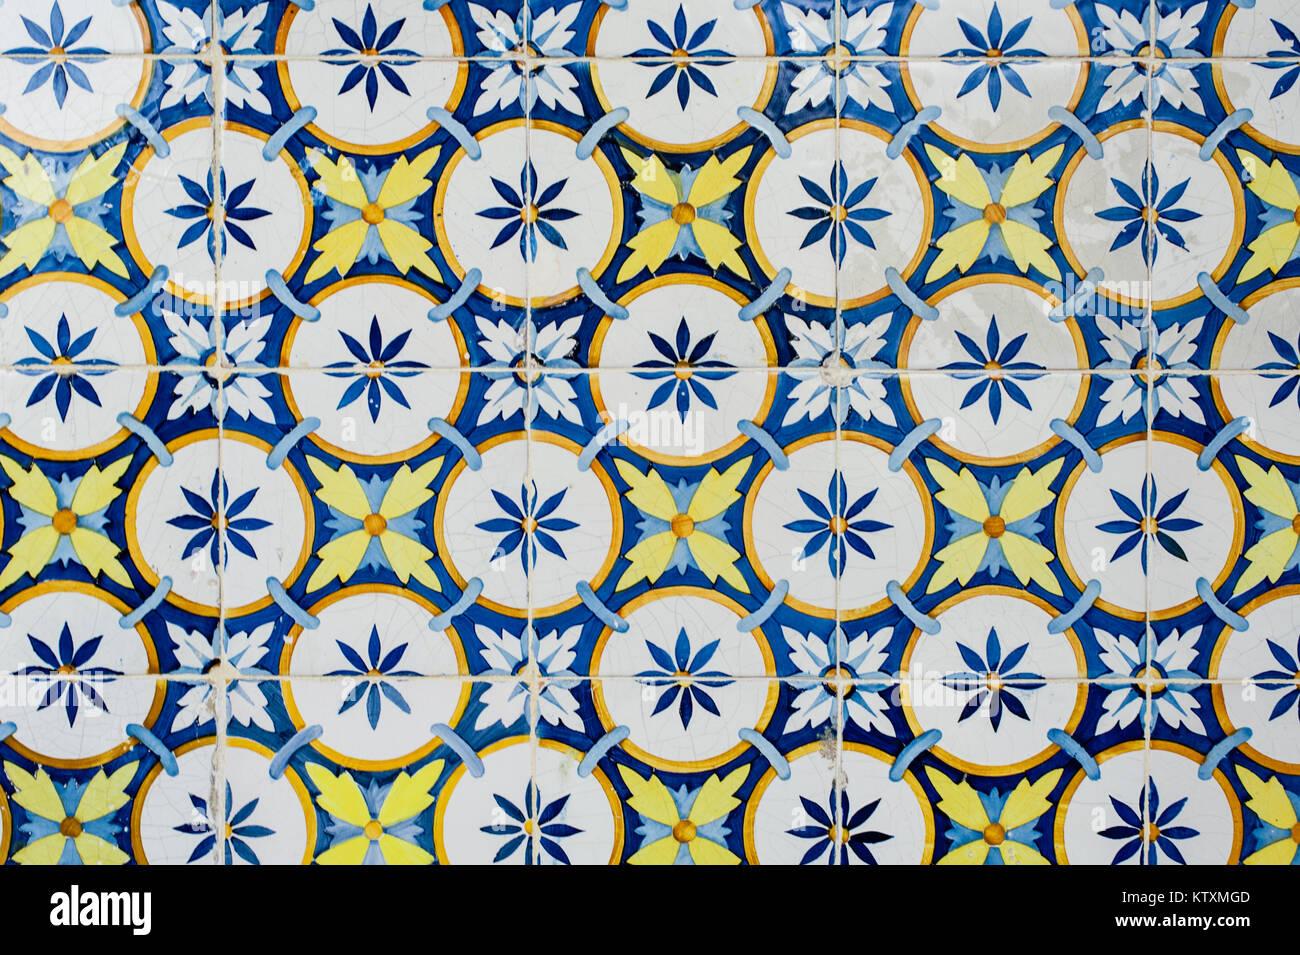 Portugiesische Azulejo Kacheln Mit Einer Kreisförmigen, Florales Muster,  Die Außenwände Eines Gebäudes In Lissabon, Portugal, Dekorieren.